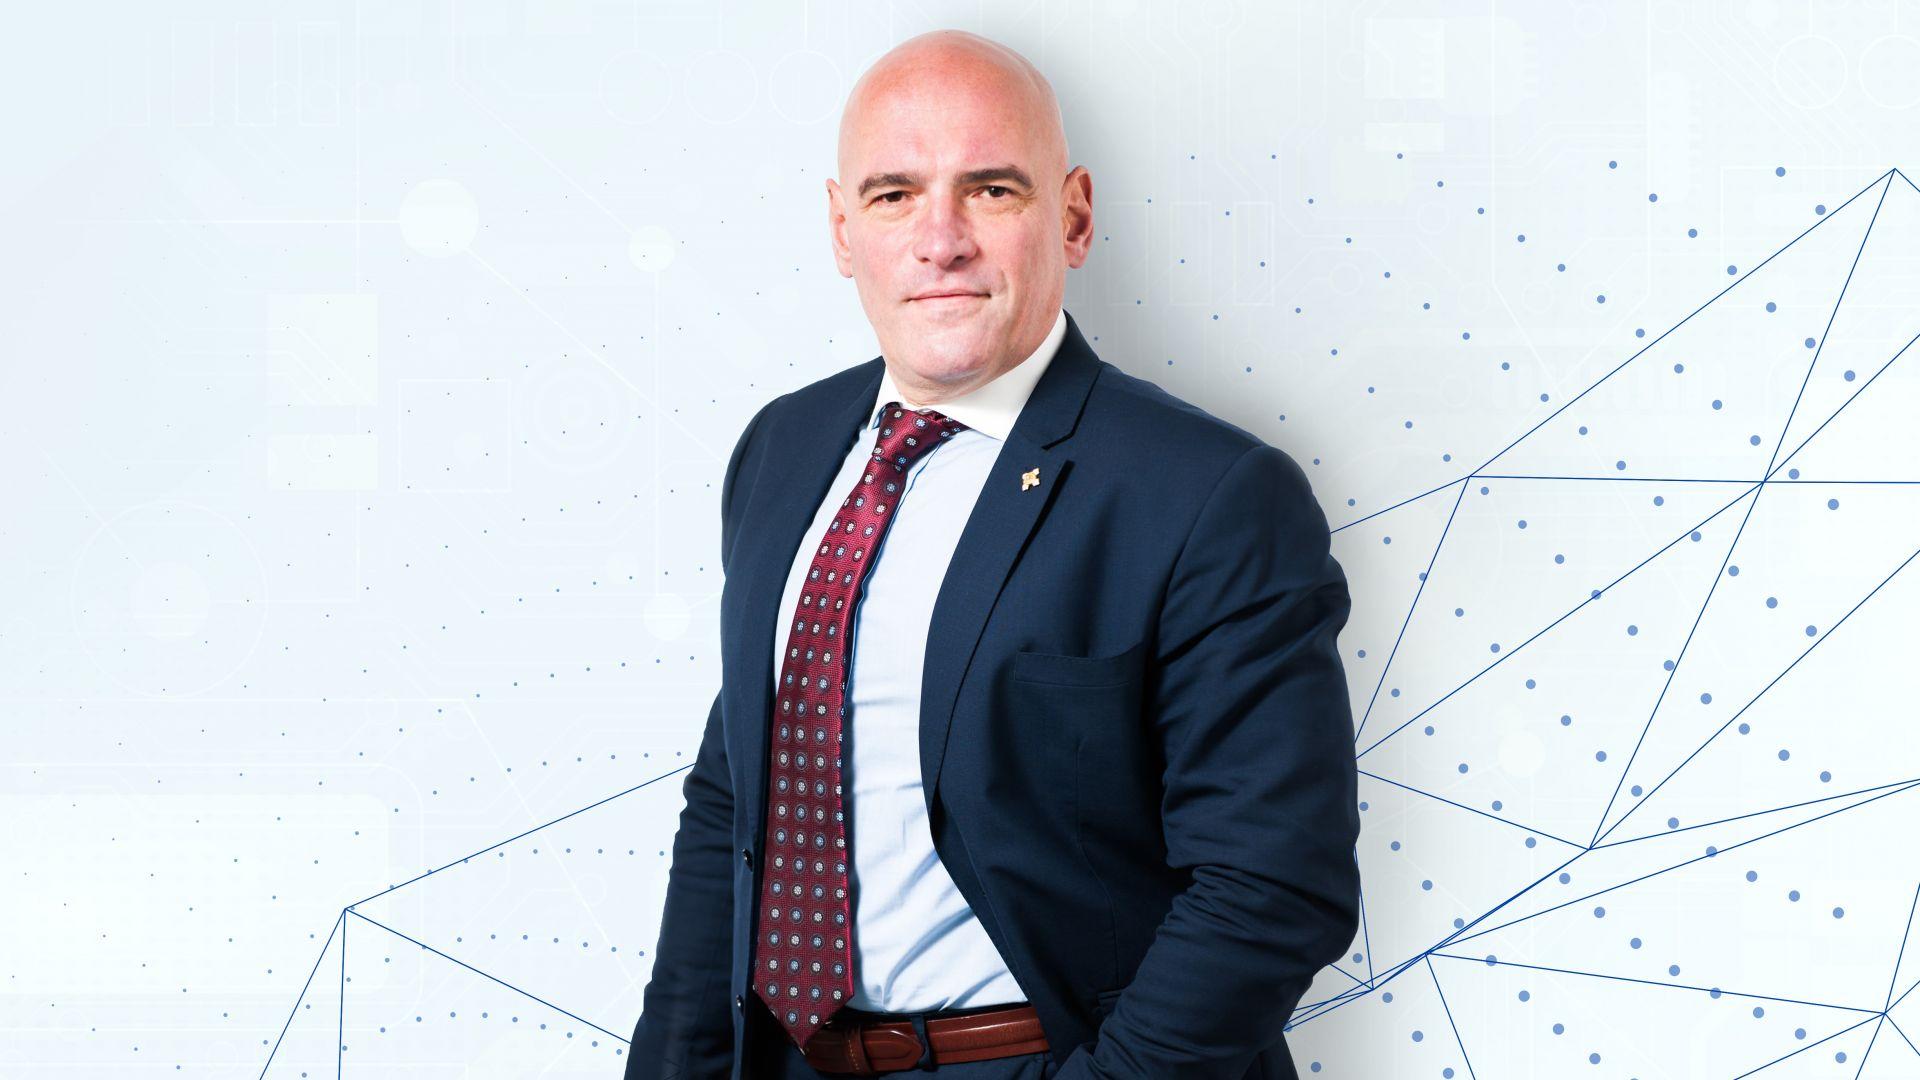 Лев Инс привлече водещ специалист като директор ИТ и Киберсигурност